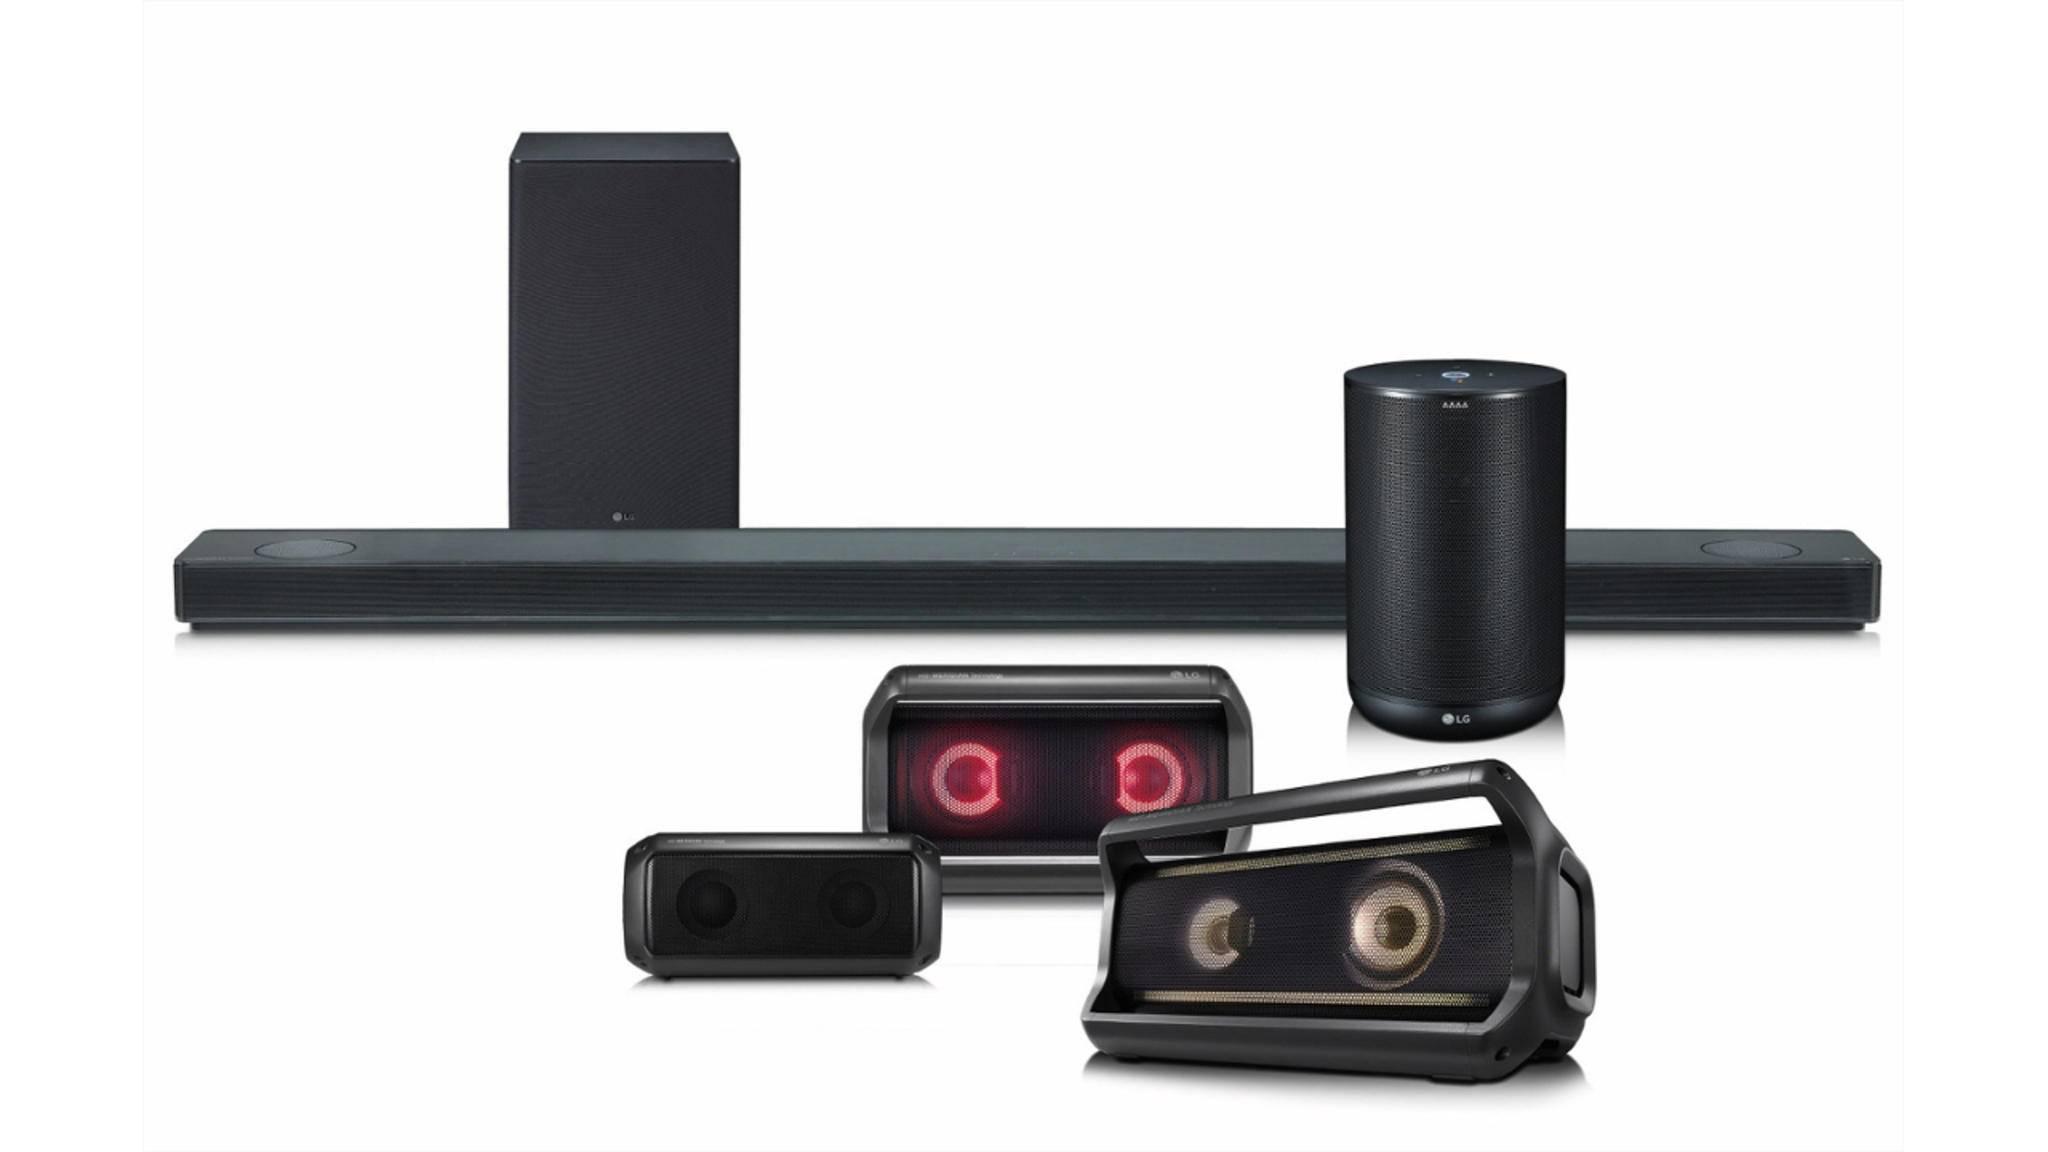 Der LG ThinQ Speaker funktioniert mit dem Google Assistant.